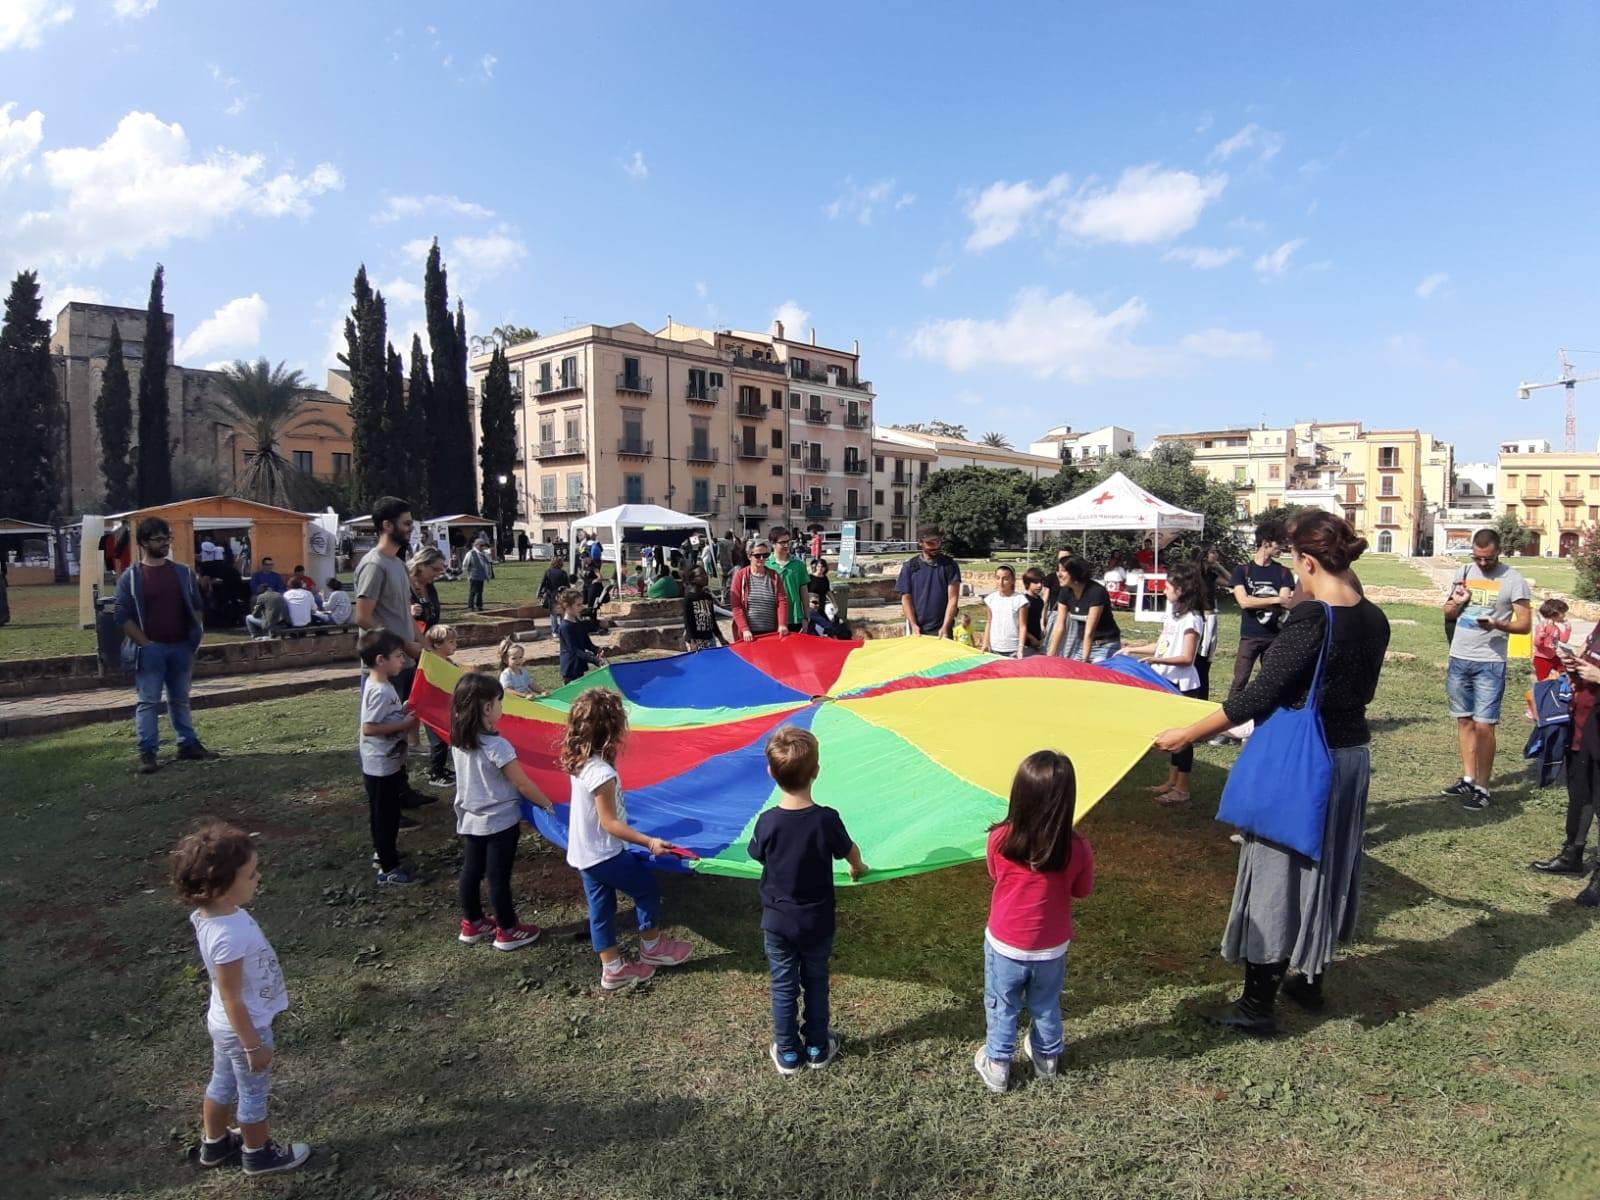 gioco in piazza